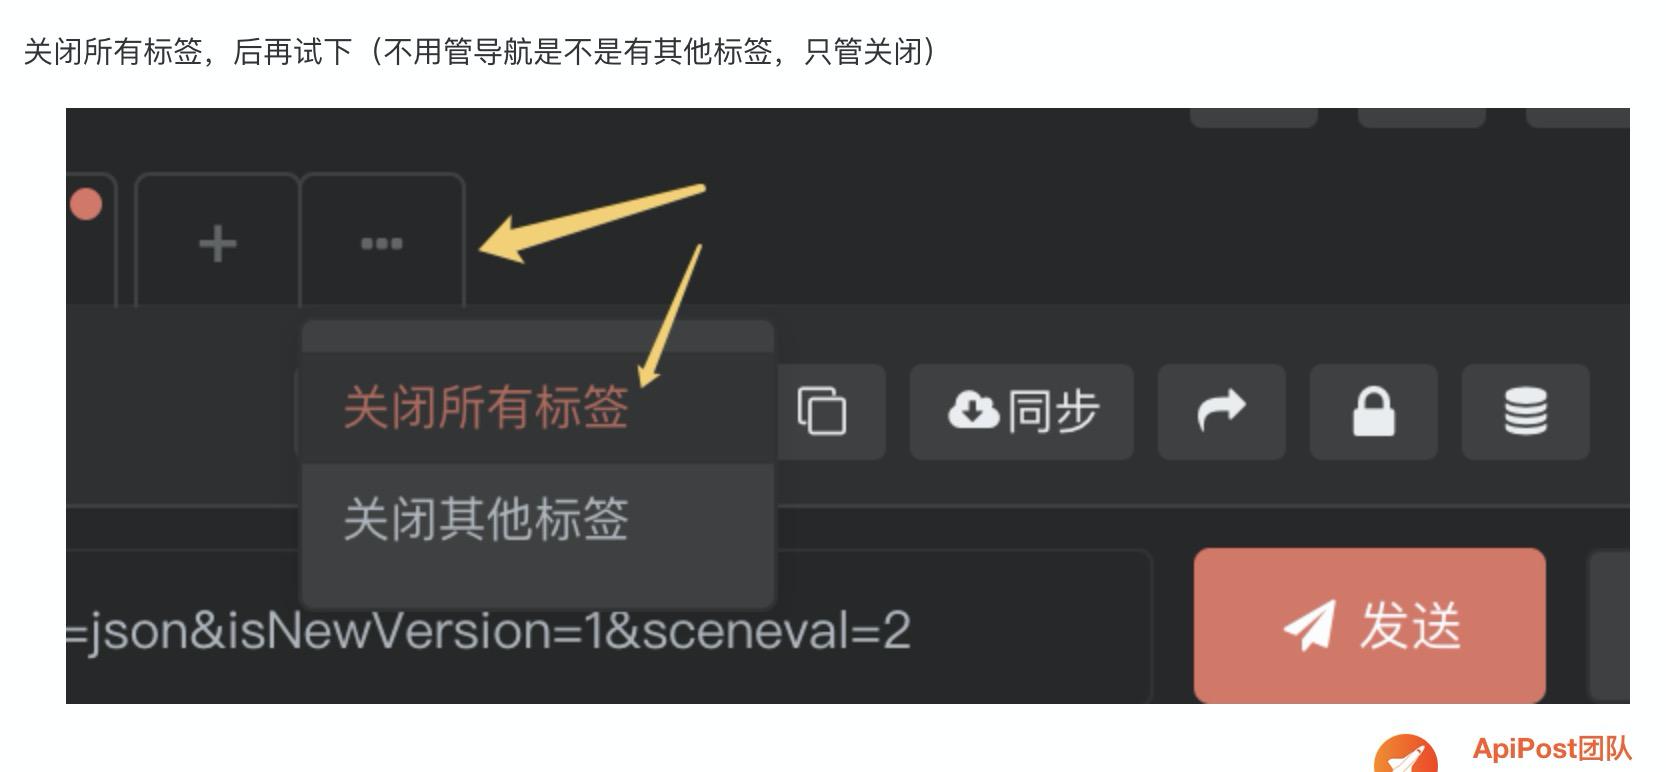 [紧急]点击接口一直Loading或者新建接口一直Loading的解决方案